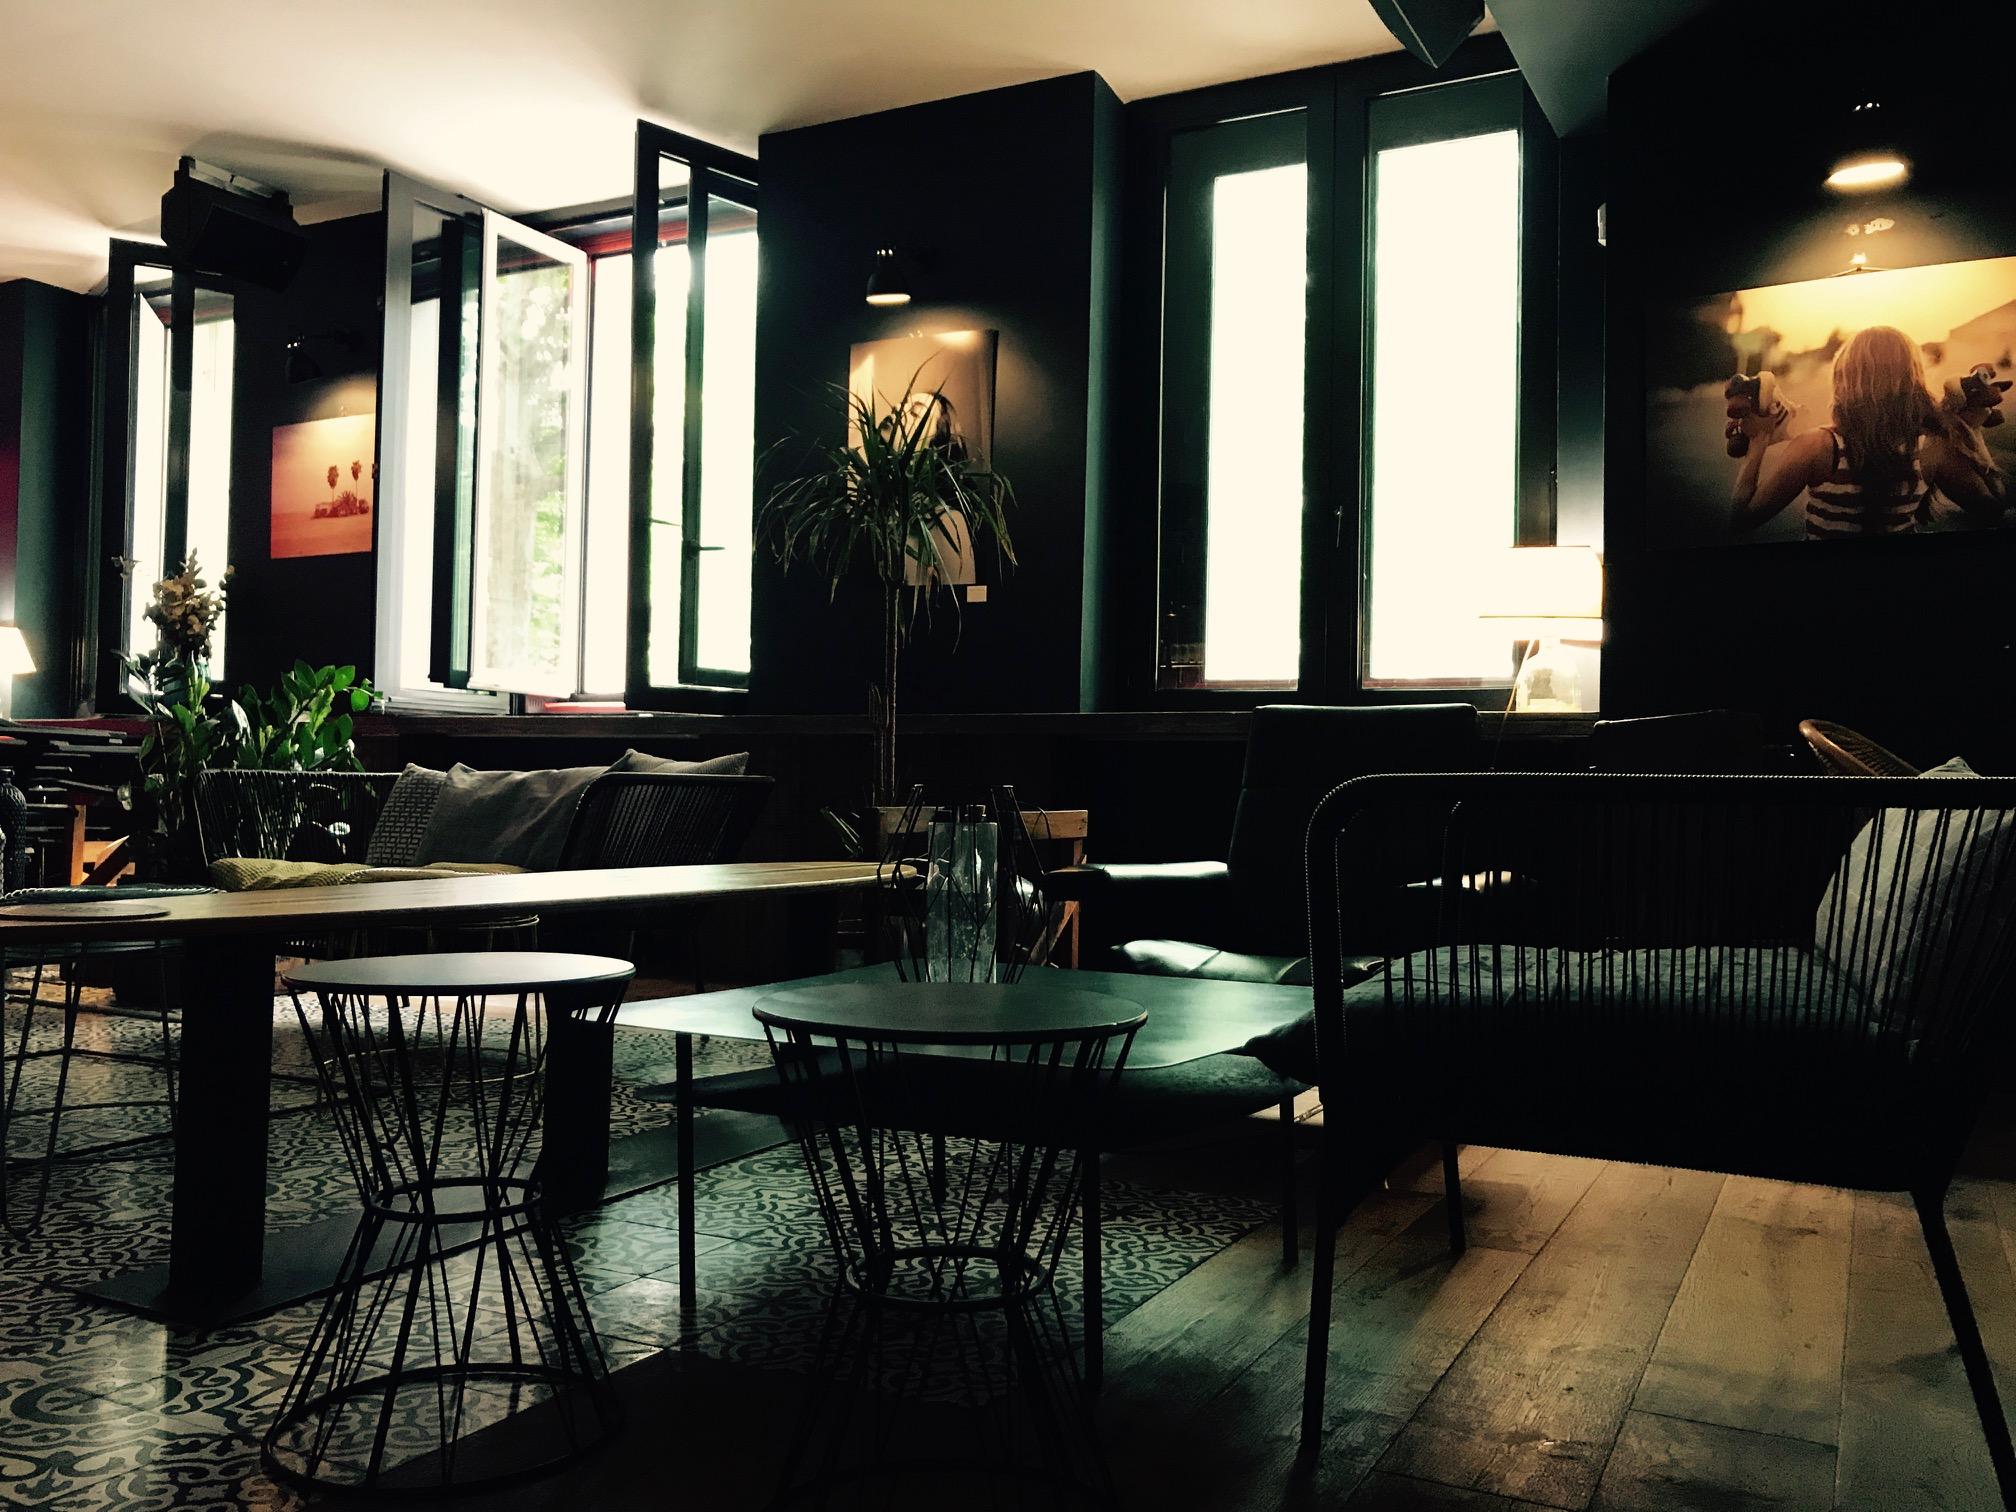 la maison sage location lofts parislocation lofts paris. Black Bedroom Furniture Sets. Home Design Ideas